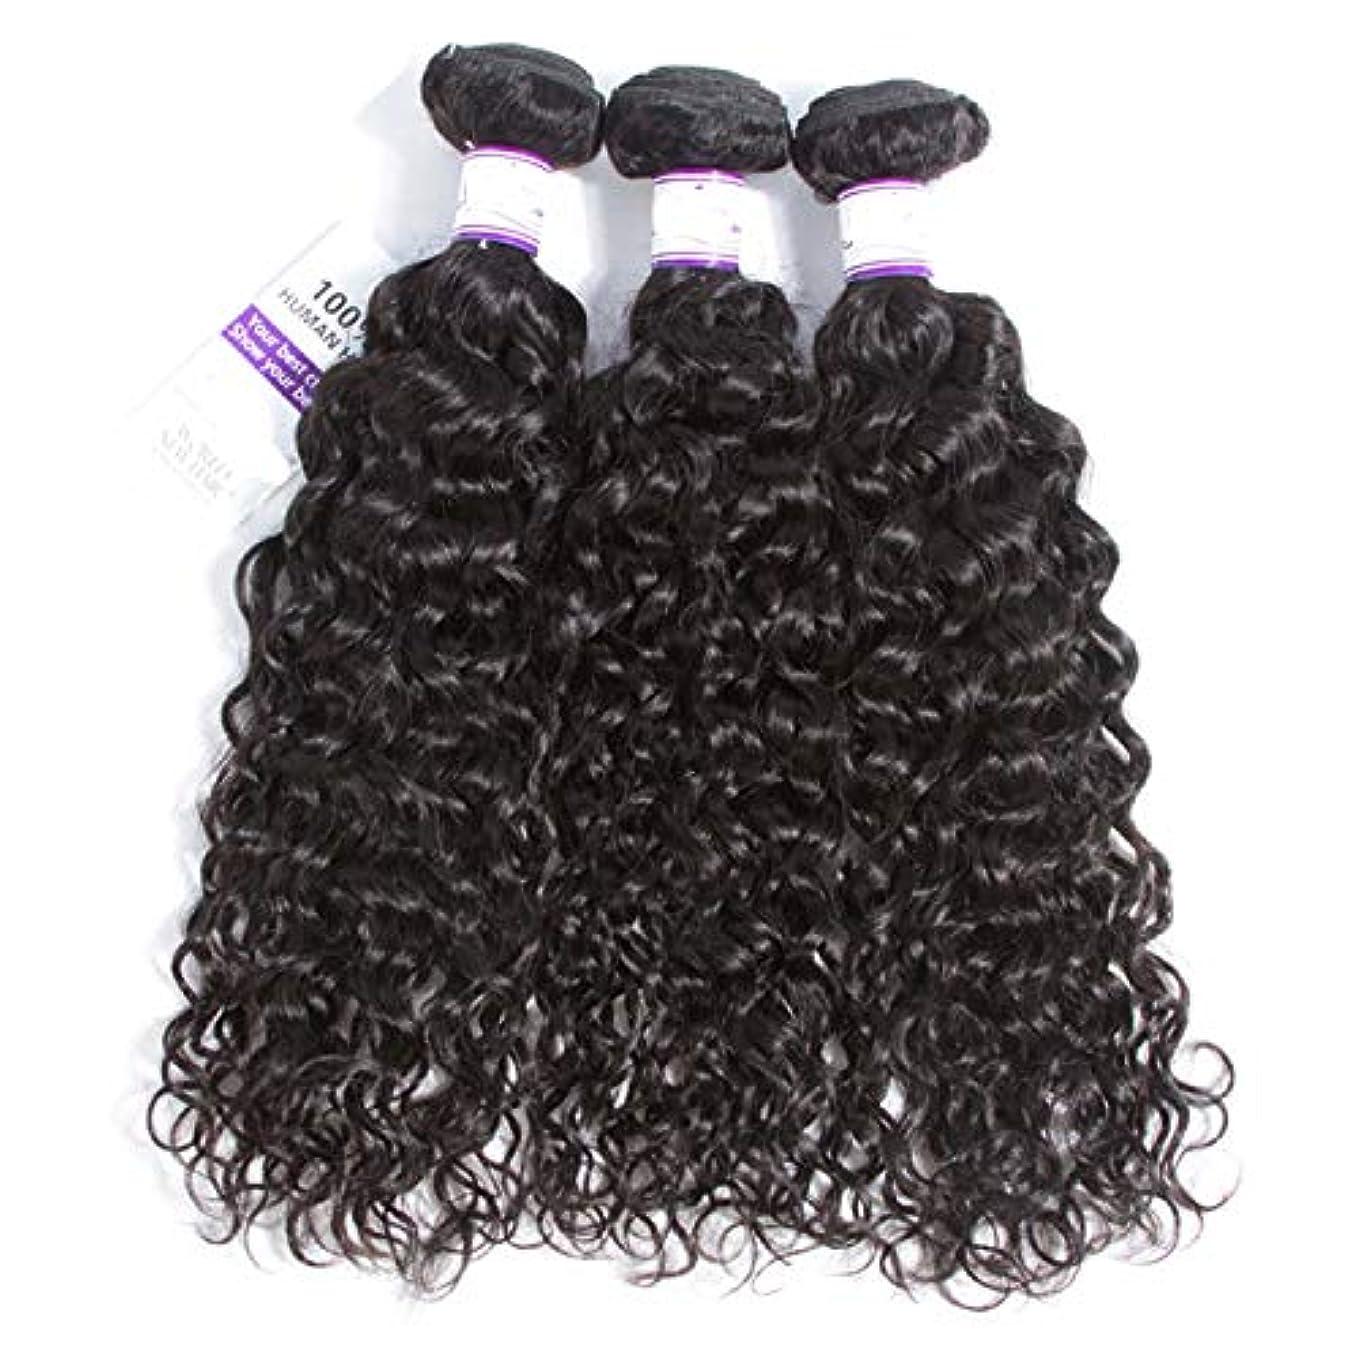 給料マウンドコミュニティマレーシアの水の波の髪3個ナチュラルブラック人間の髪の毛の束非レミーの毛延長8-28インチ (Length : 16 18 20)